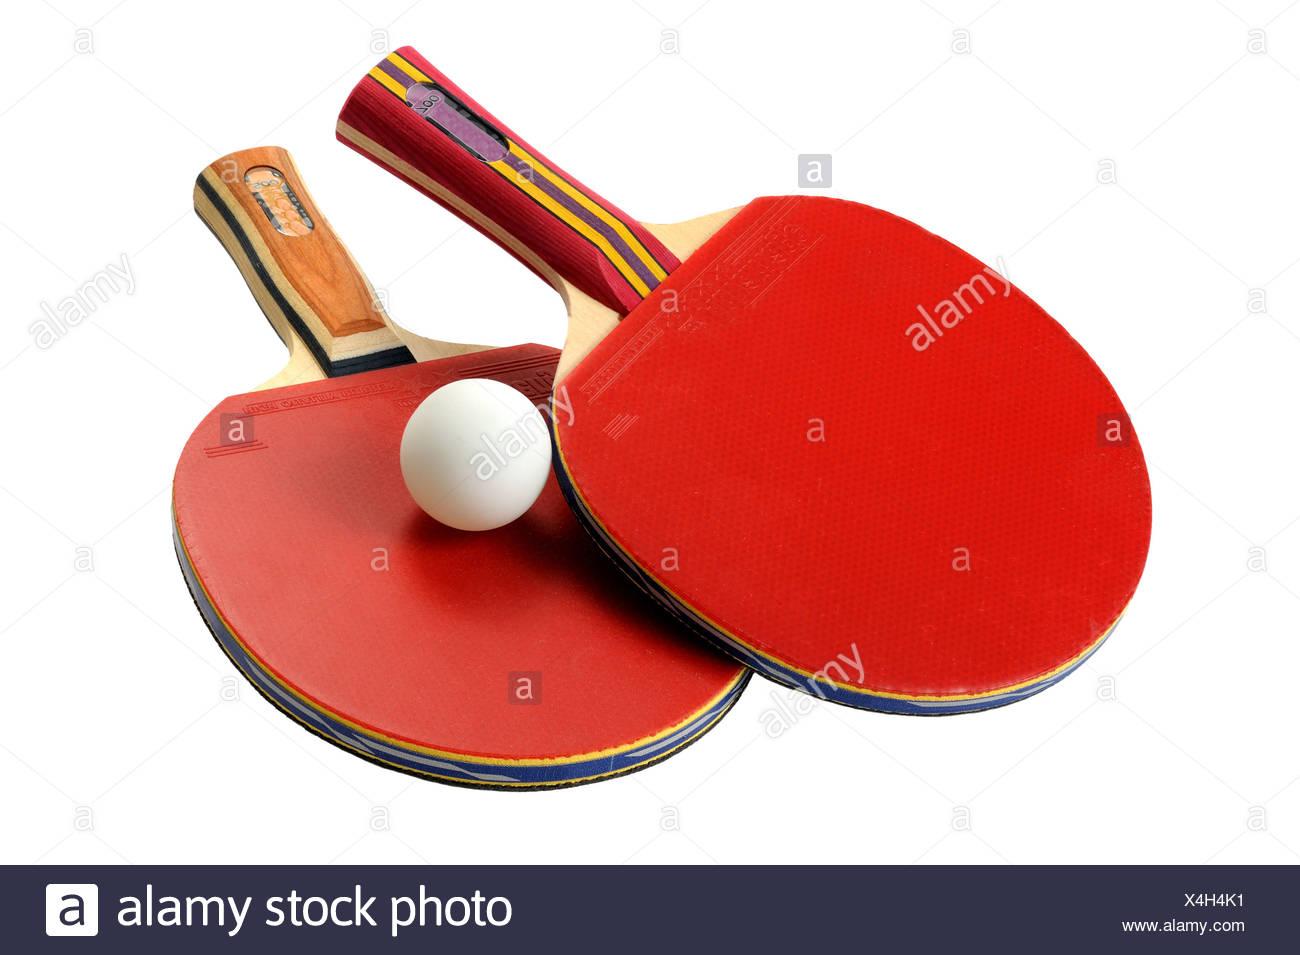 Raquetas de Tenis de mesa Imagen De Stock